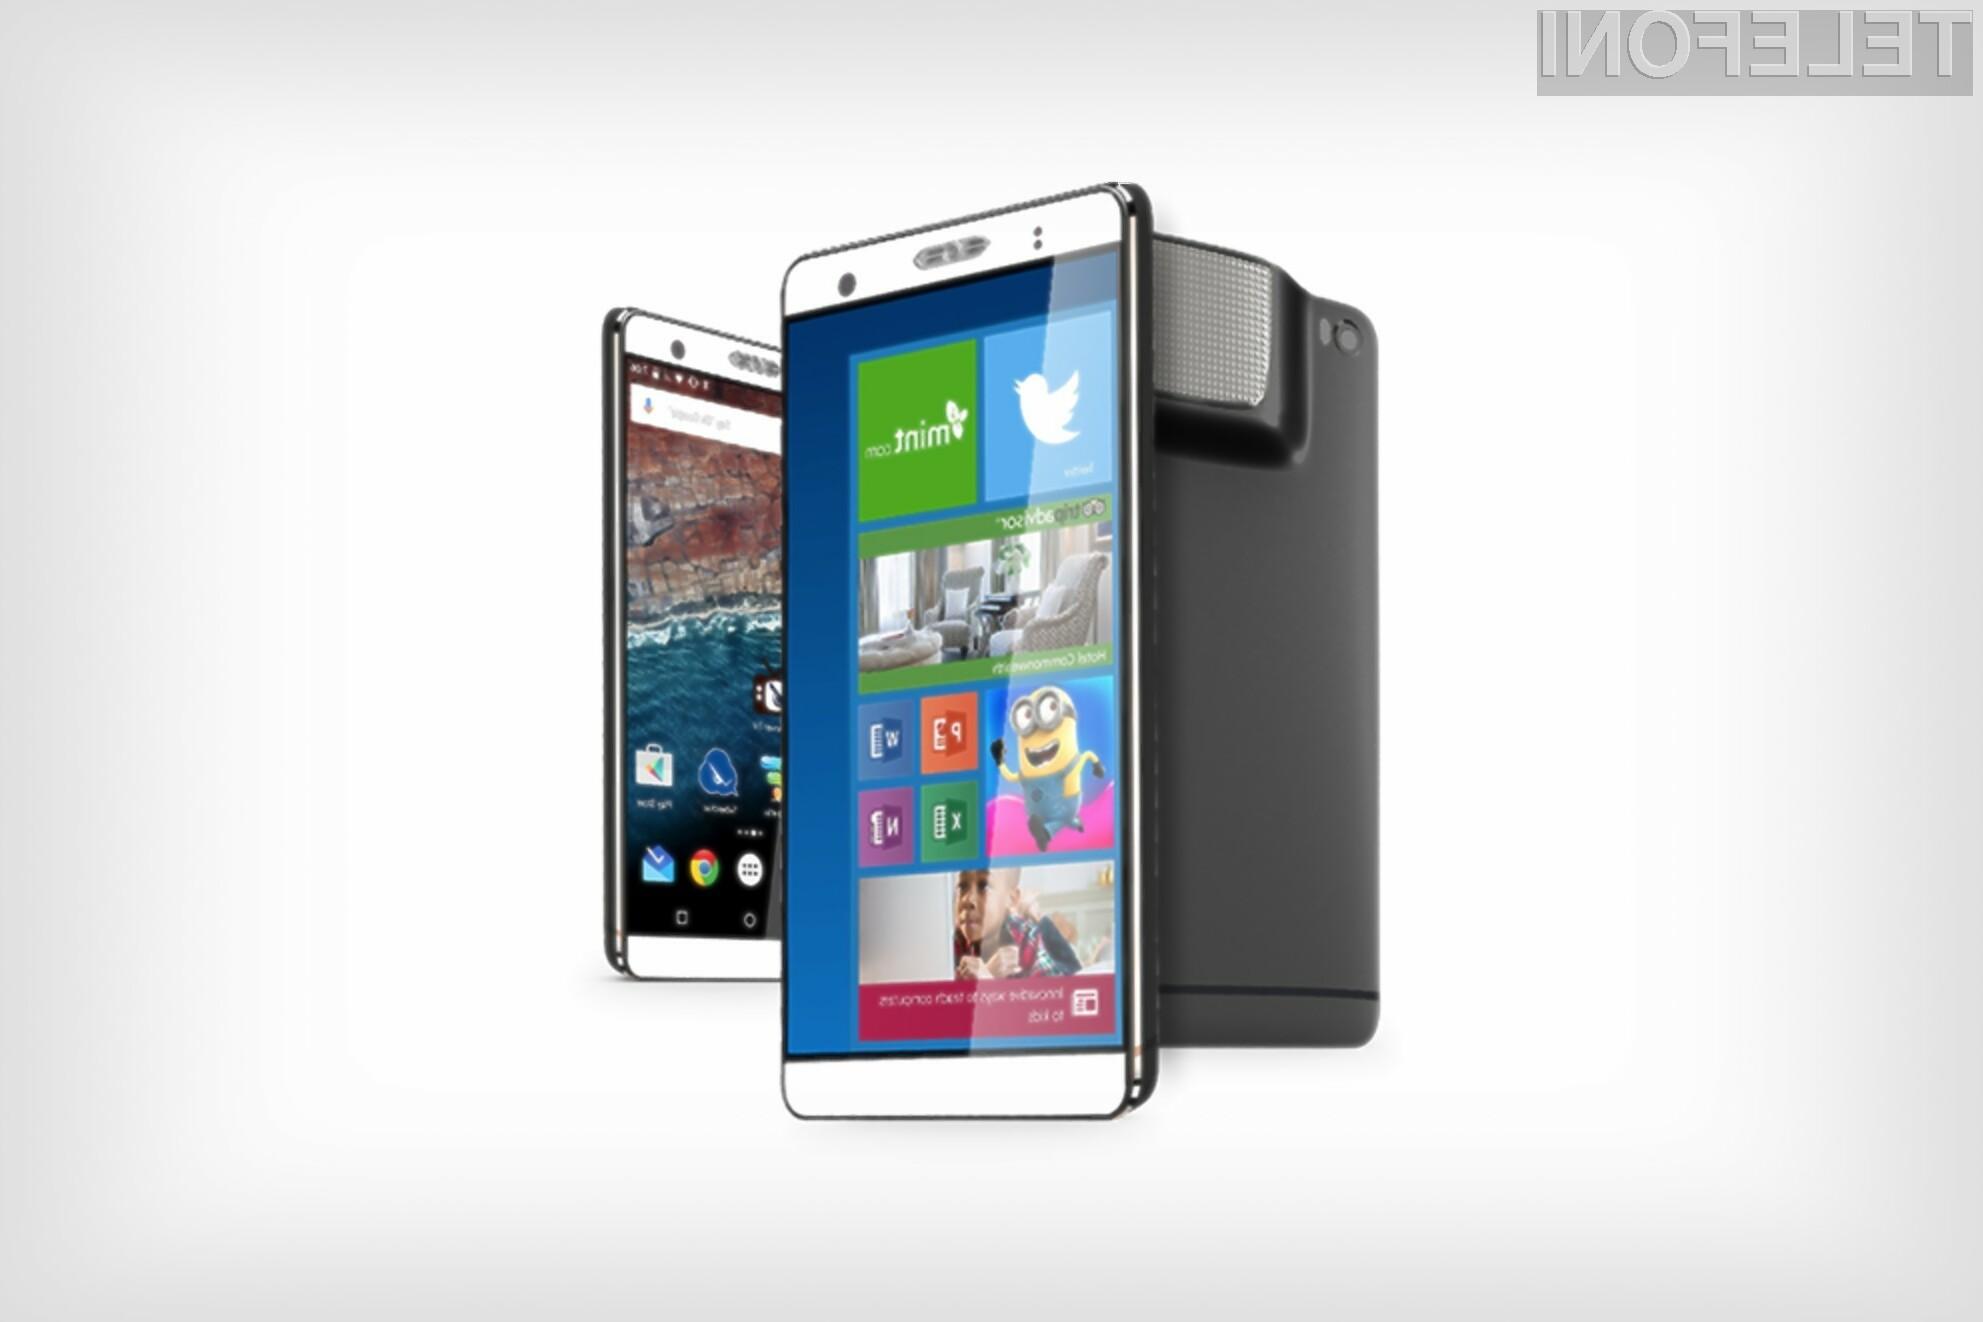 Zakaj bi pri telefonu izbirali med Androidom in Windowsi 10, če lahko imamo kar oba?